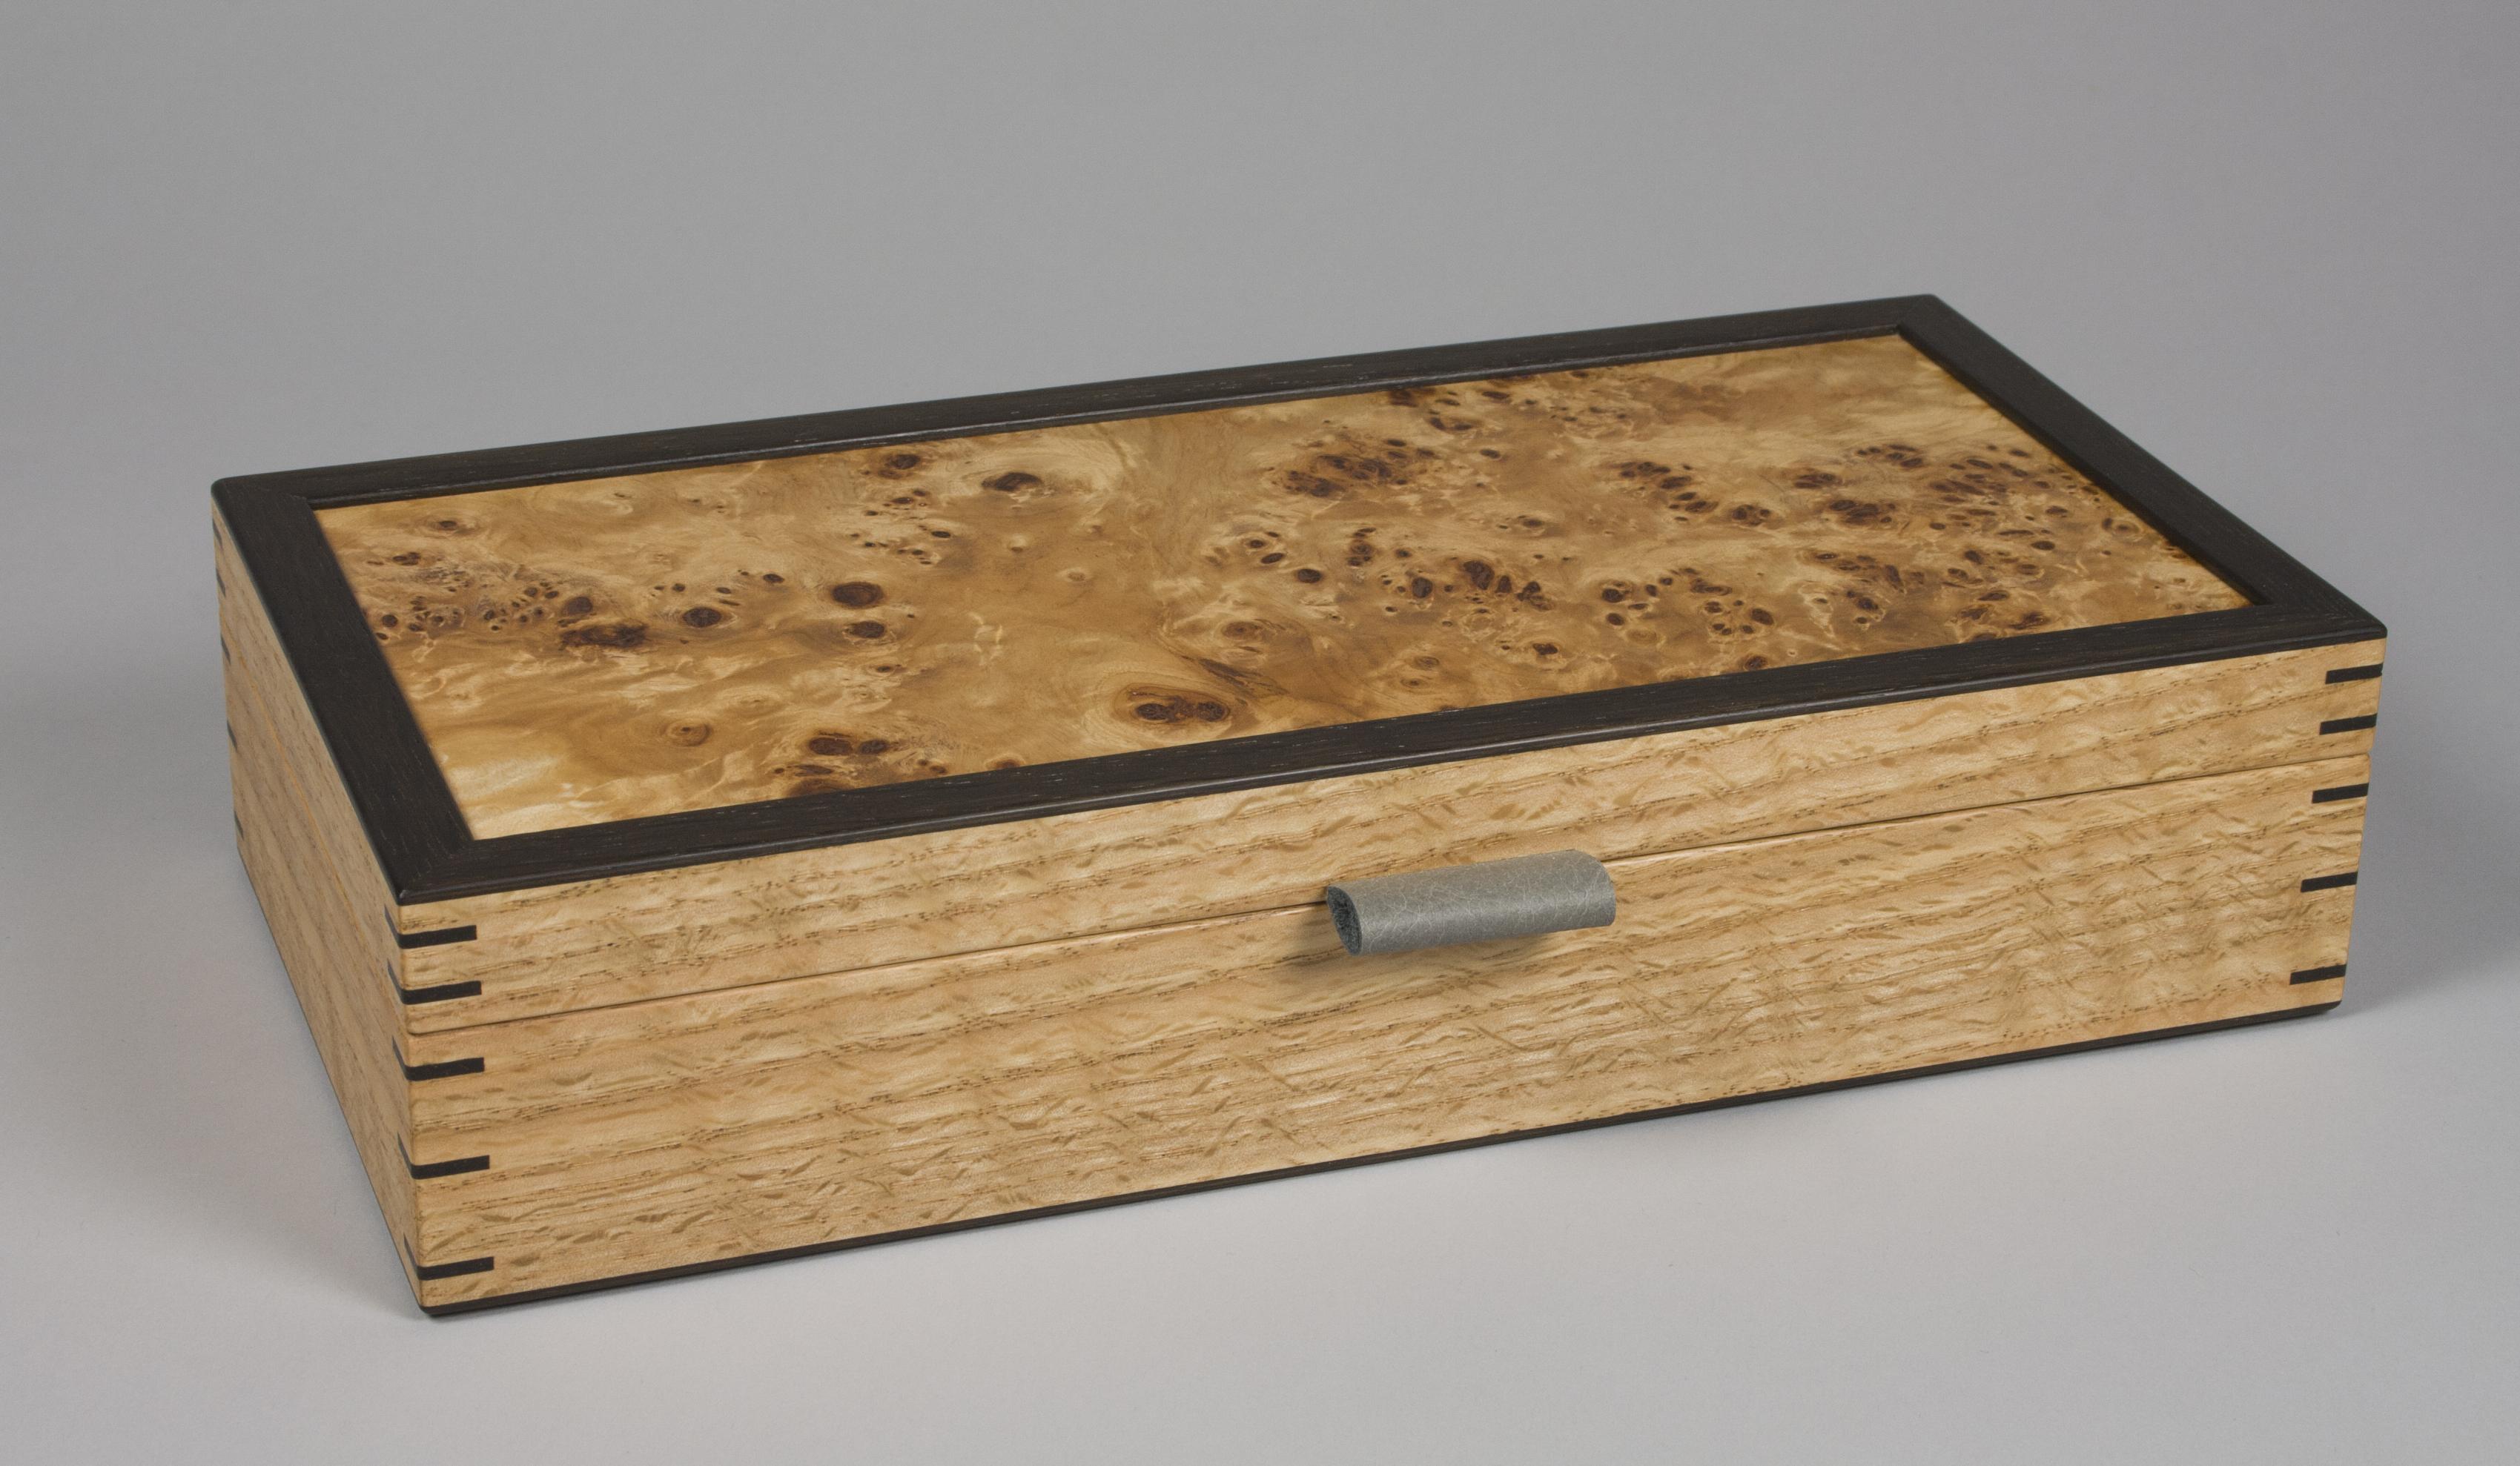 Cufflink and collar stiffener box